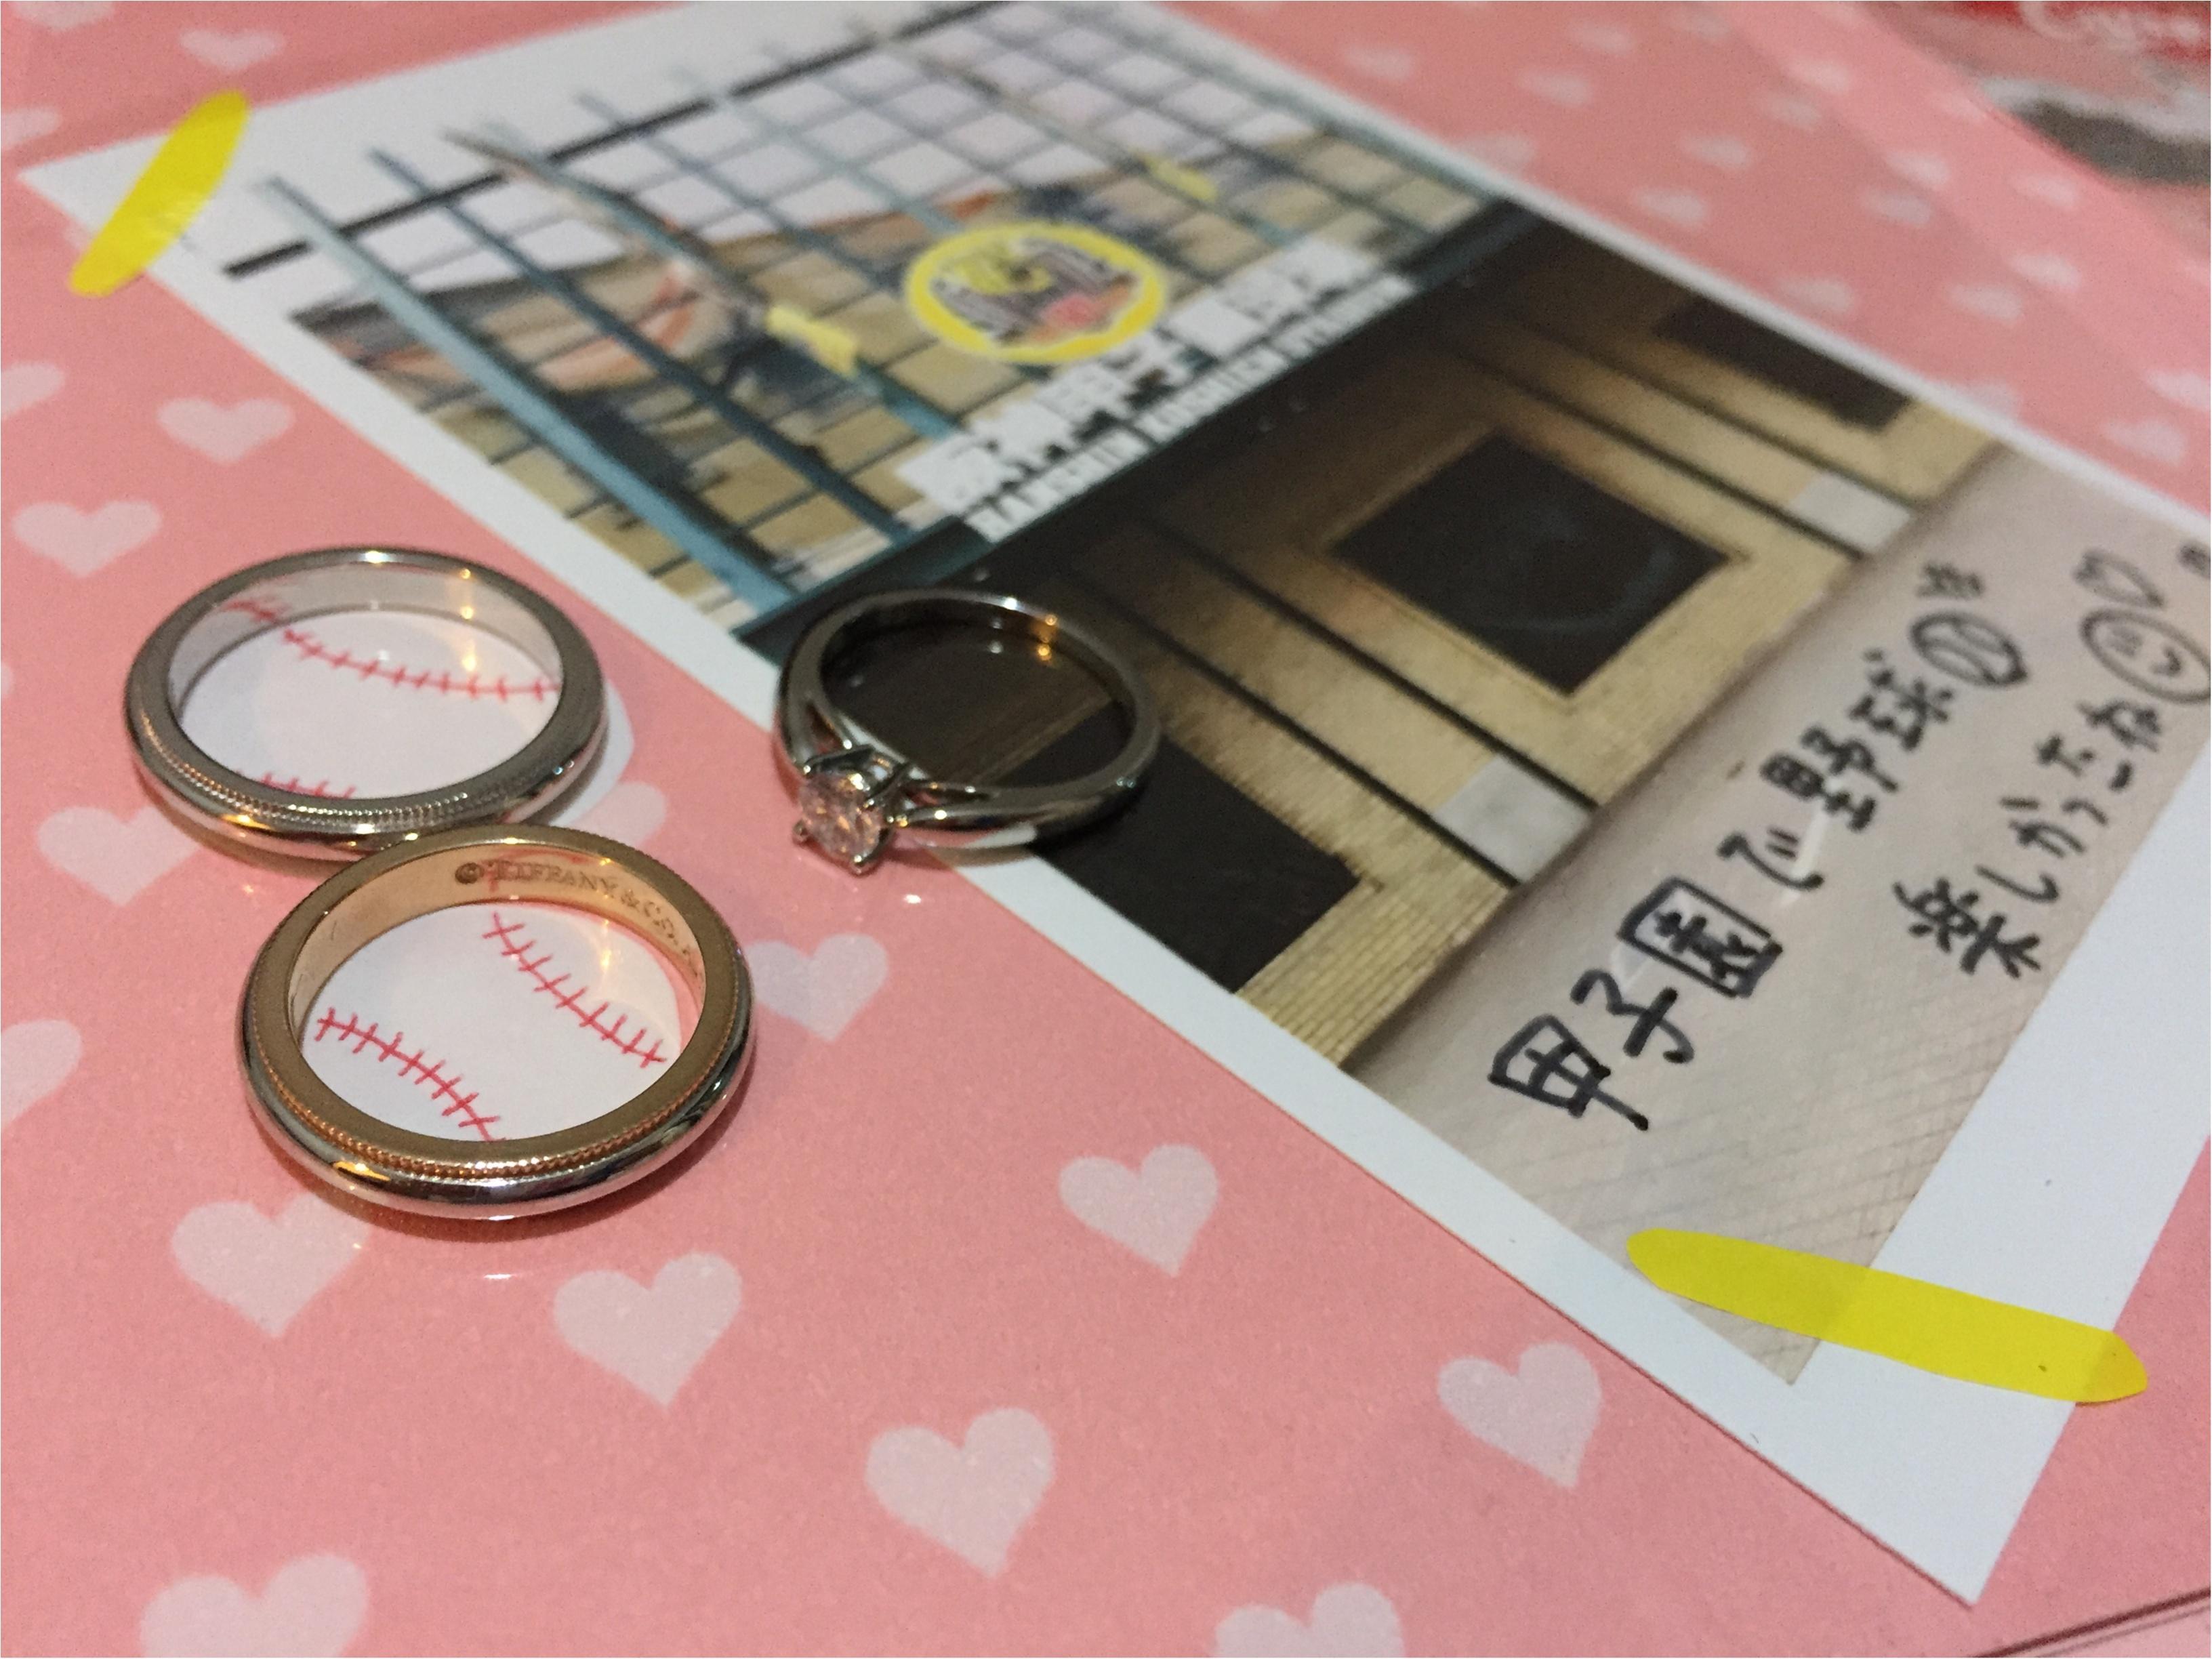 『♡の日のご報告』と私達の『結婚指輪』について_2